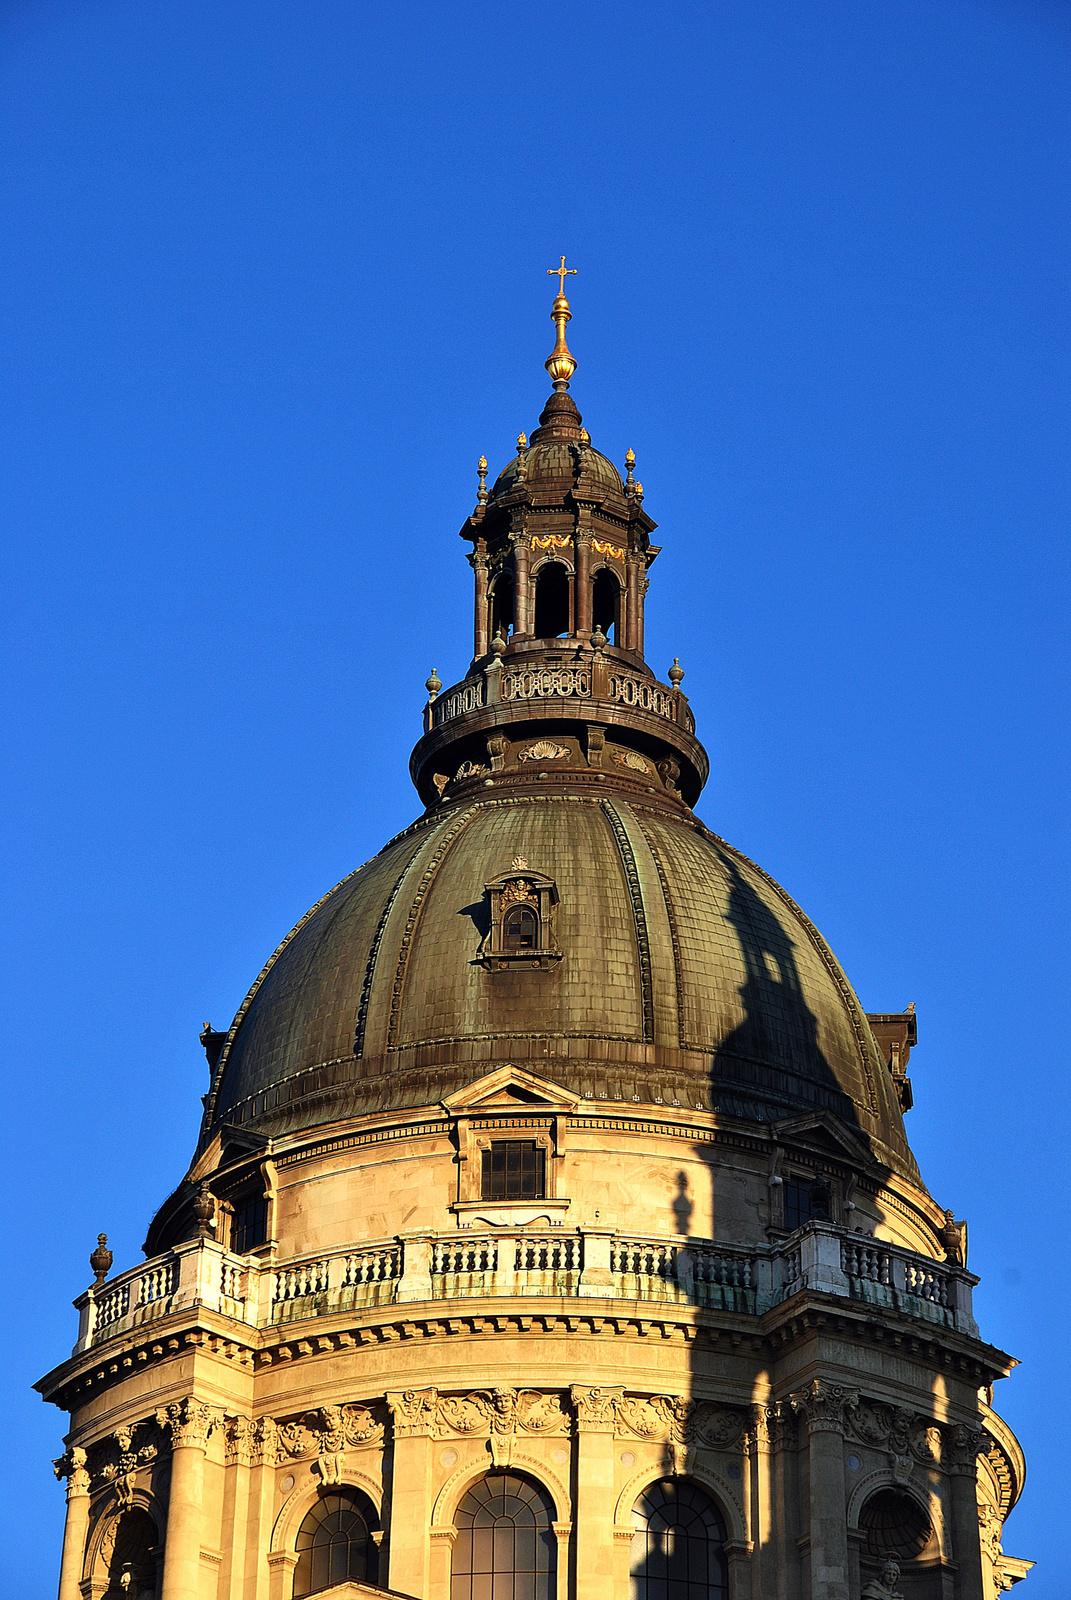 Árnyékos kupola